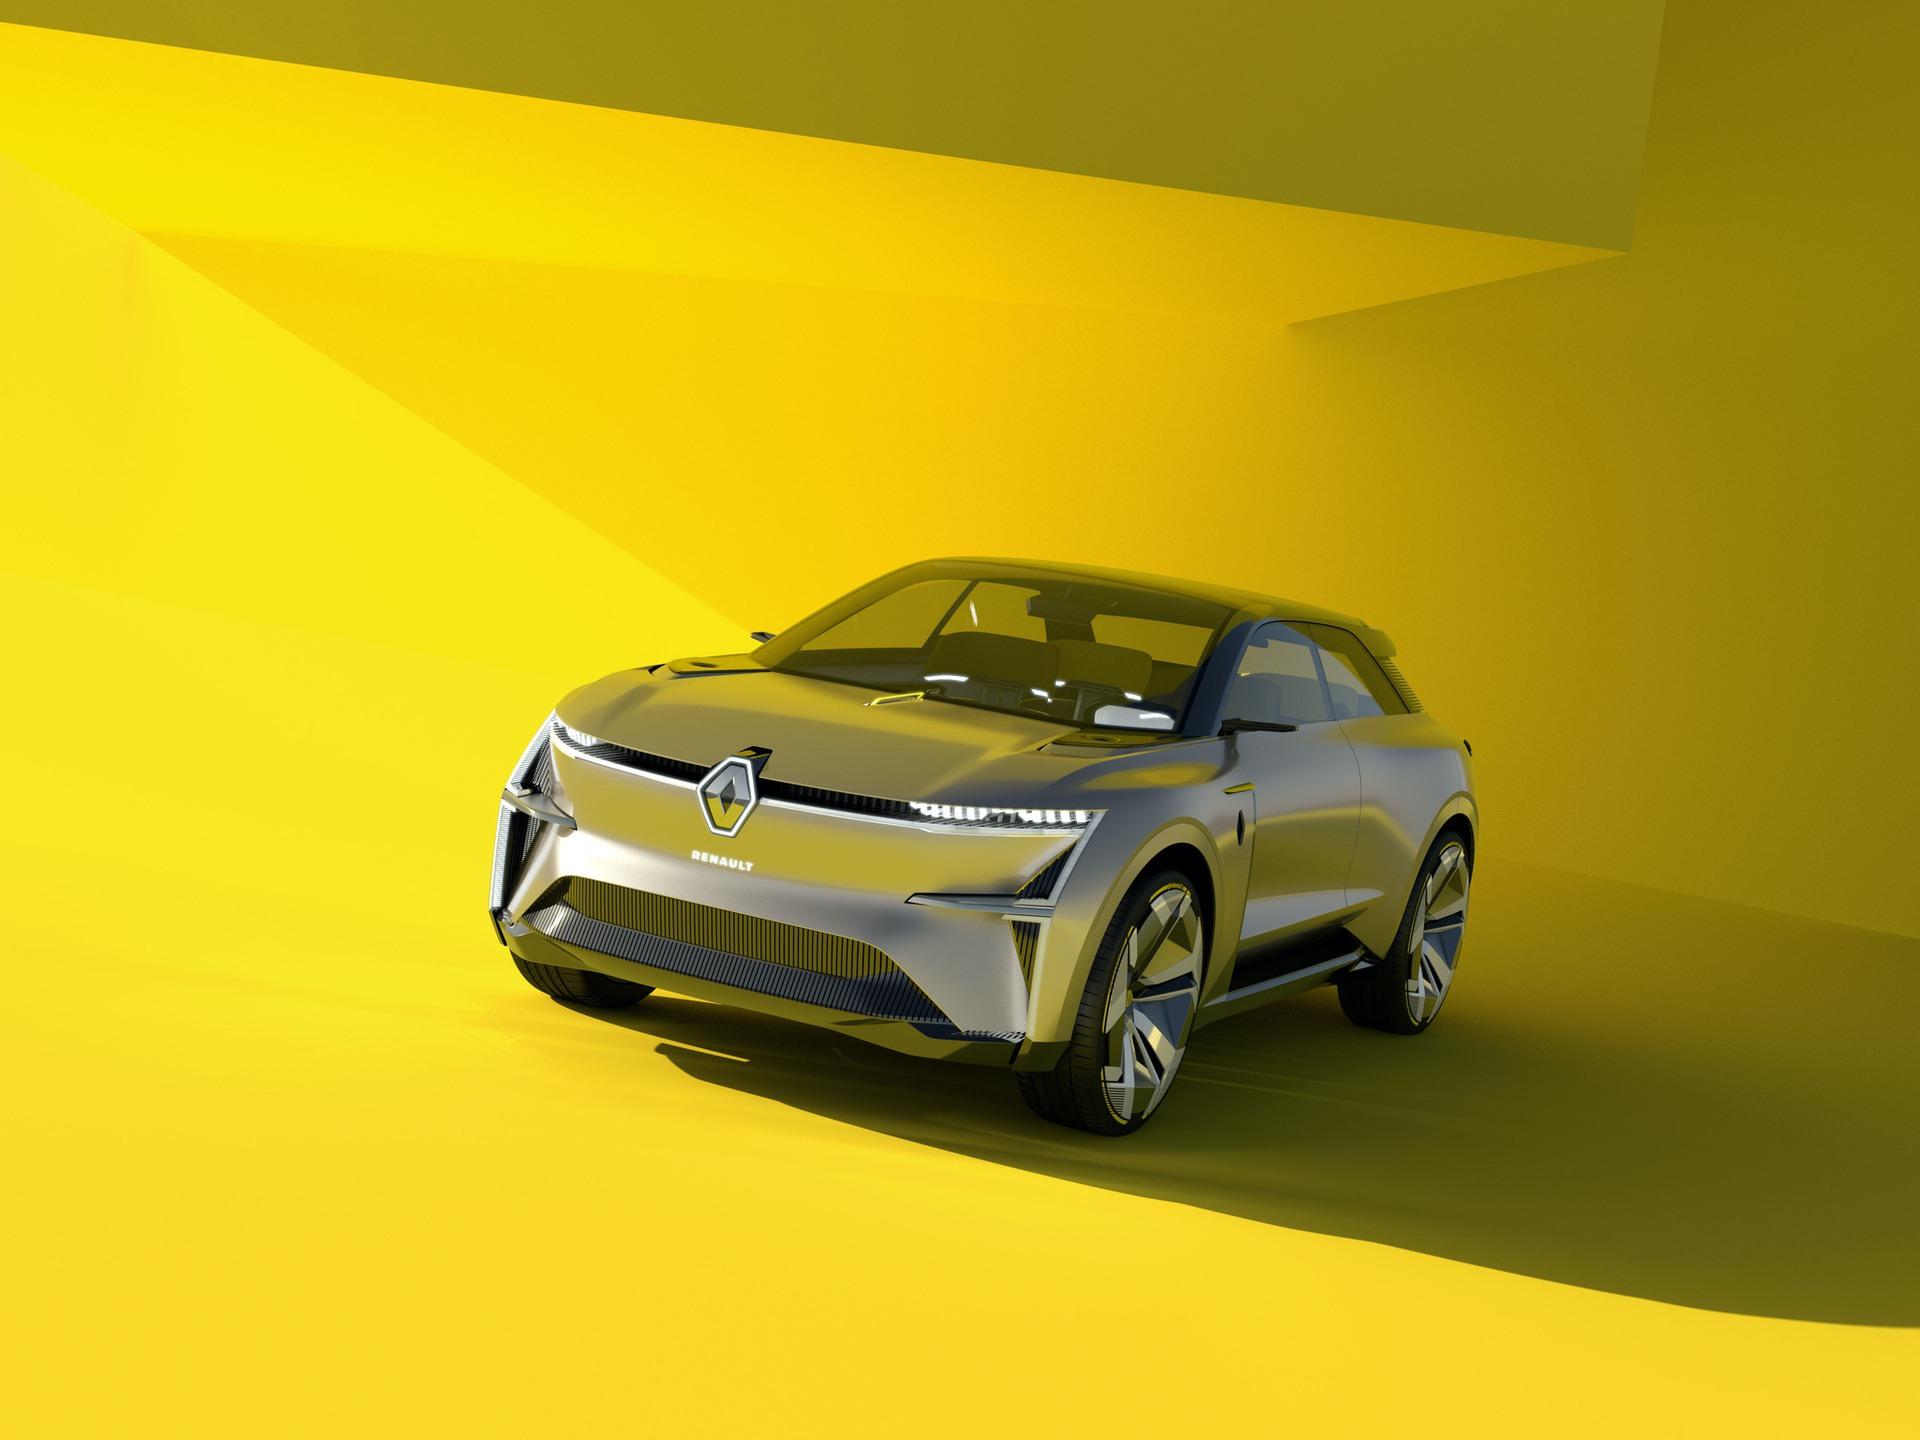 Renault_Morphoz_concept_0014